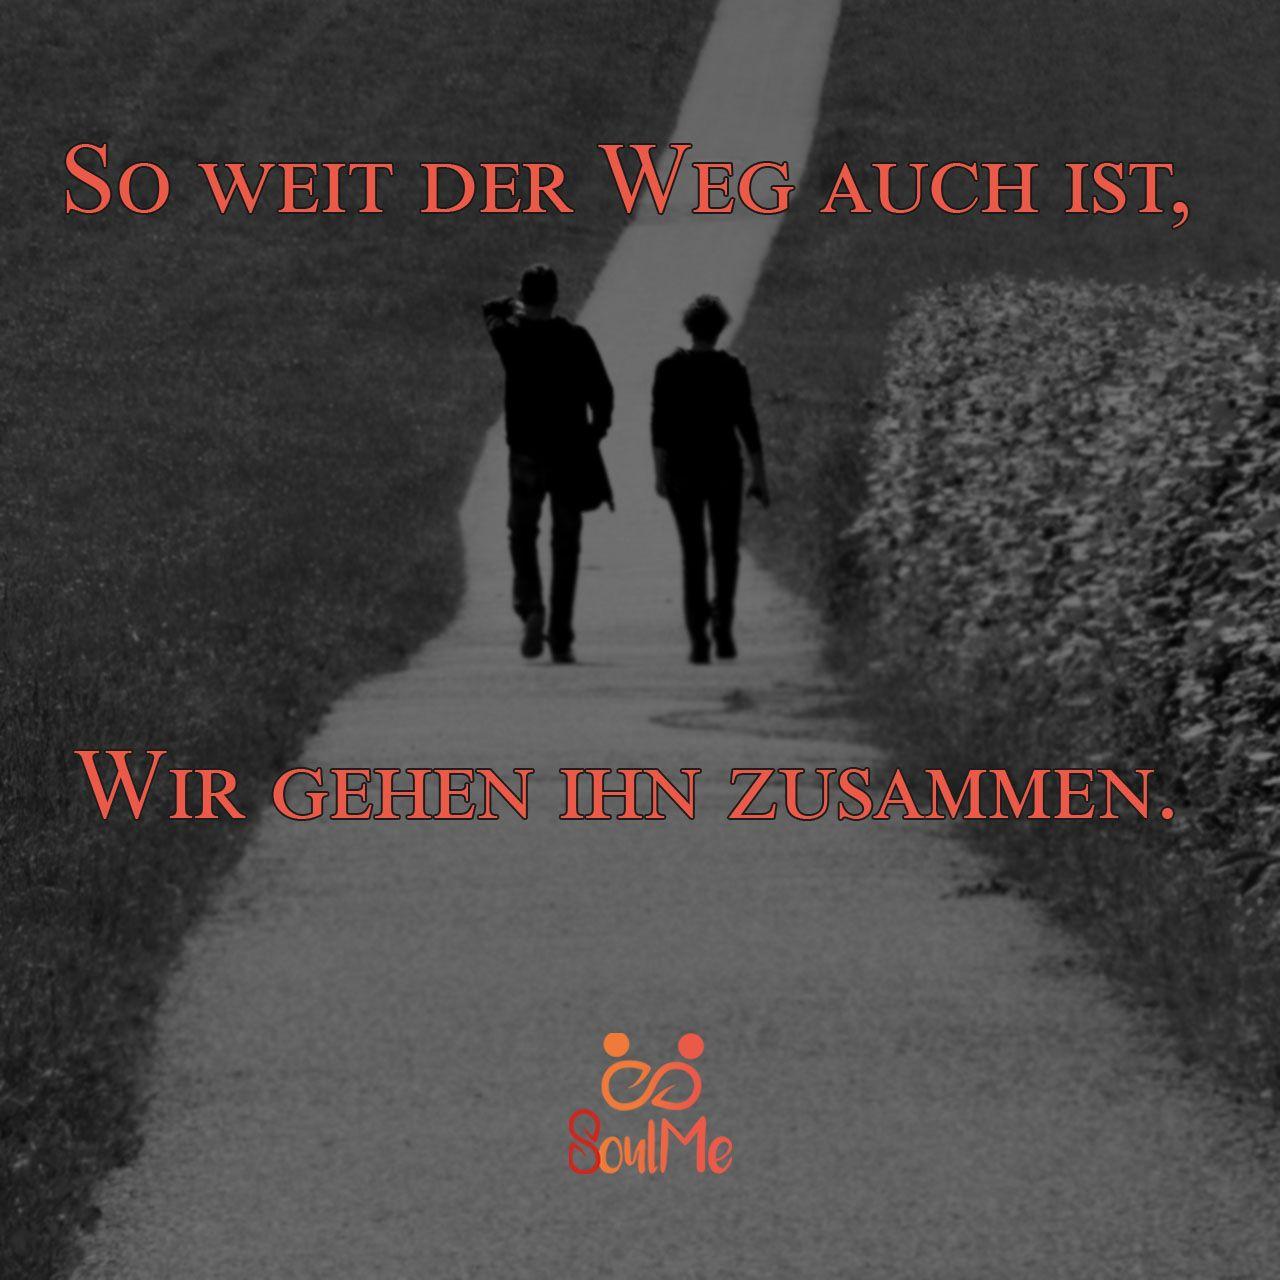 Scheune gay berlin teppich